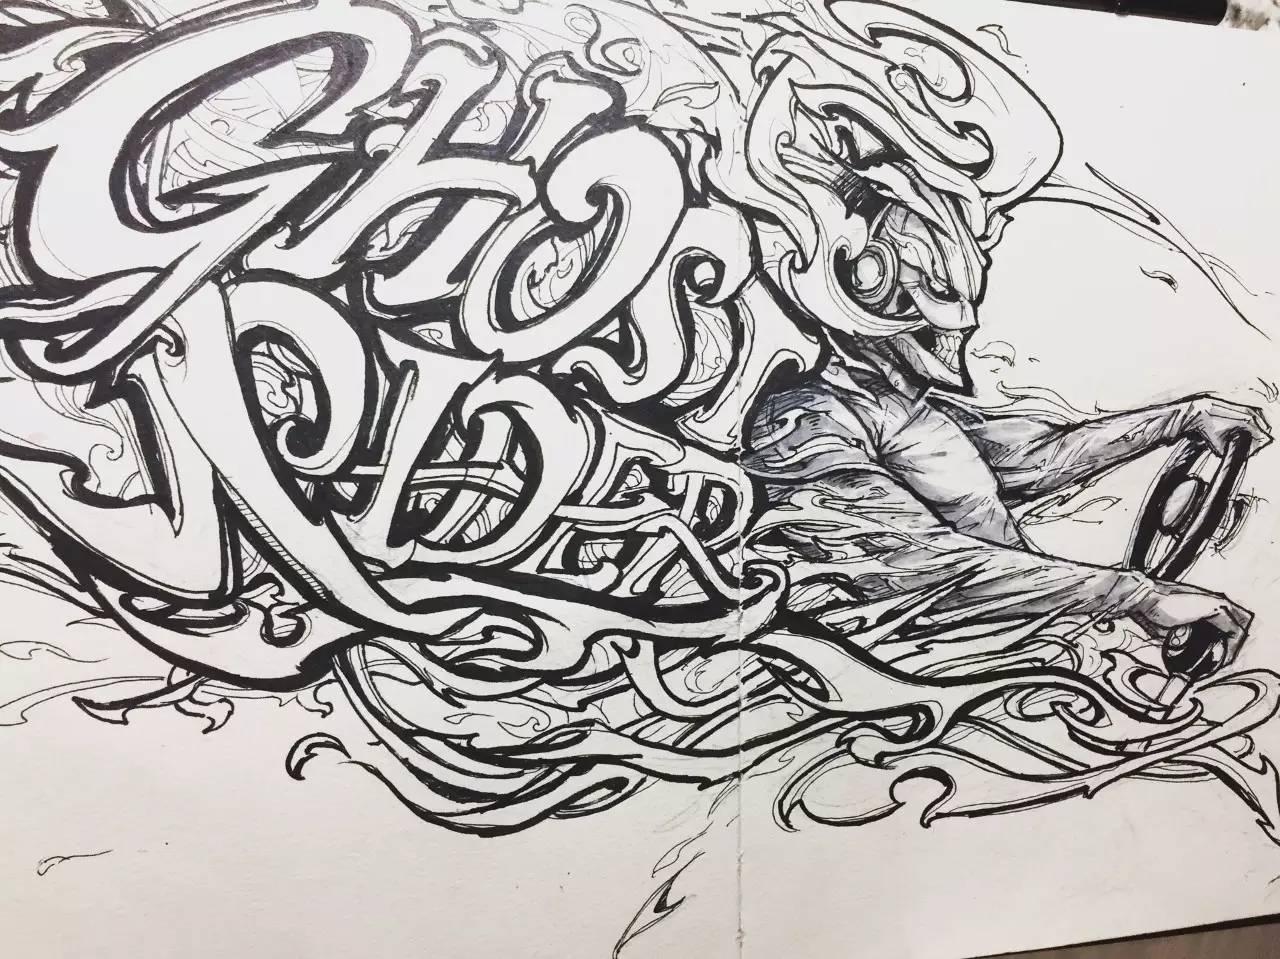 手绘速写 手绘概念设计最赞了